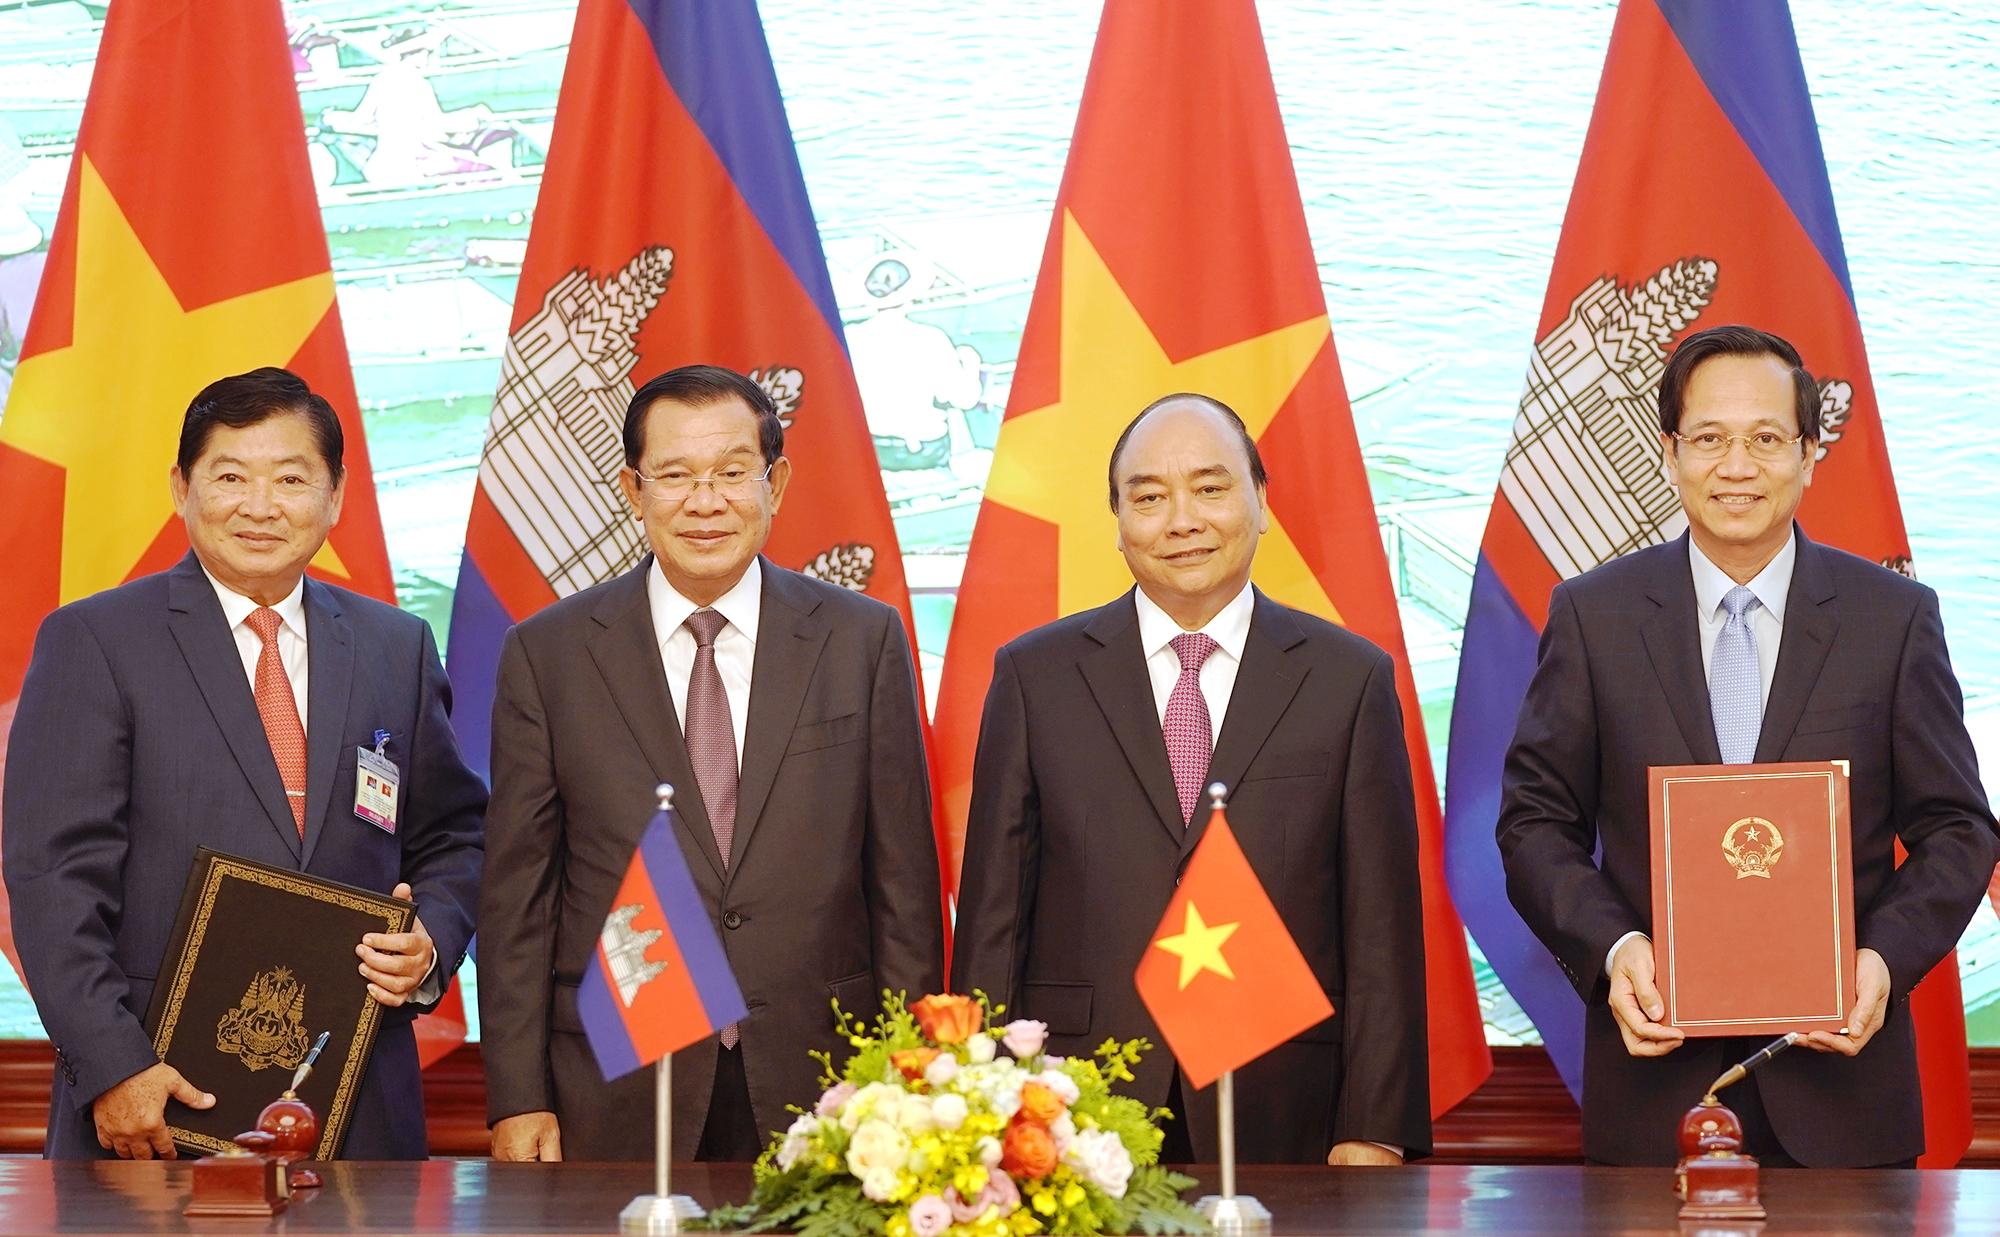 Quan hệ Việt Nam - Campuchia là quan hệ anh em gắn kết, bền chặt